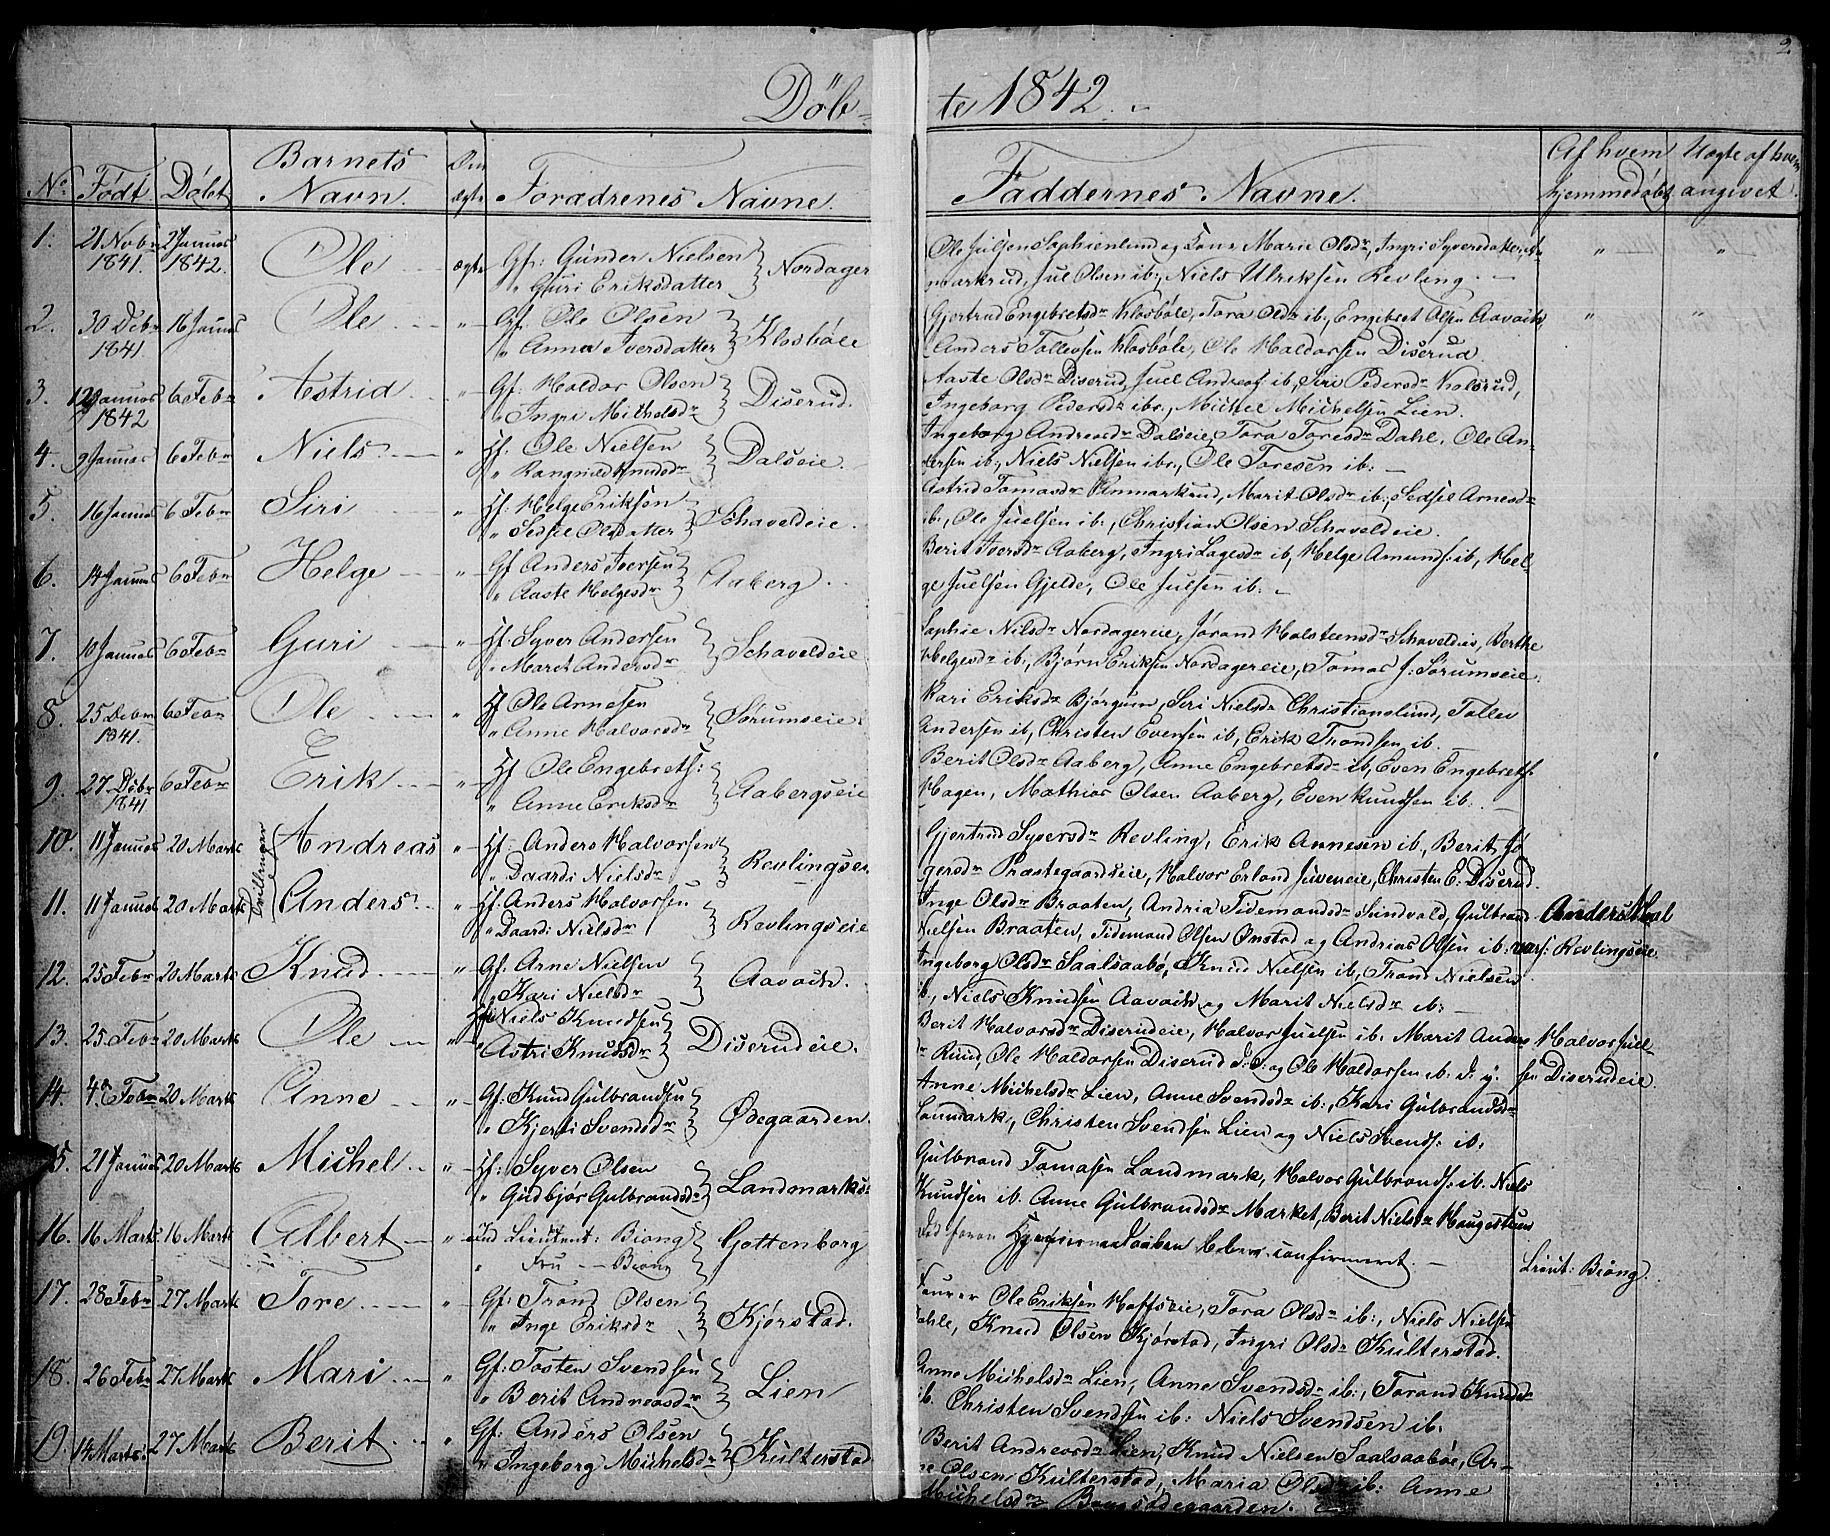 SAH, Nord-Aurdal prestekontor, Klokkerbok nr. 2, 1842-1877, s. 2